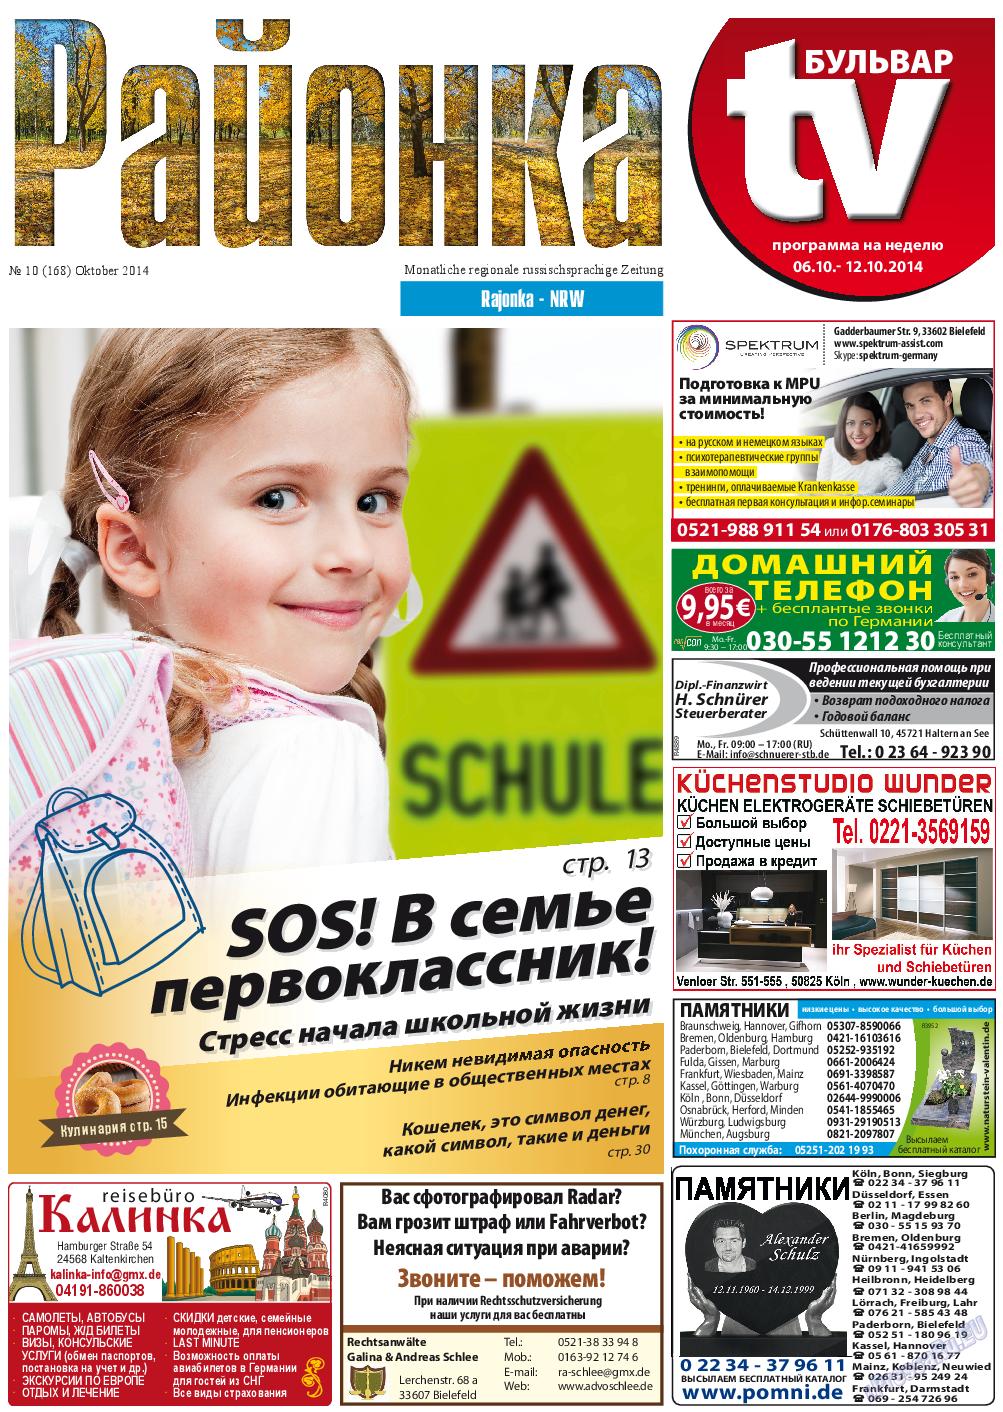 Районка (газета). 2014 год, номер 10, стр. 1